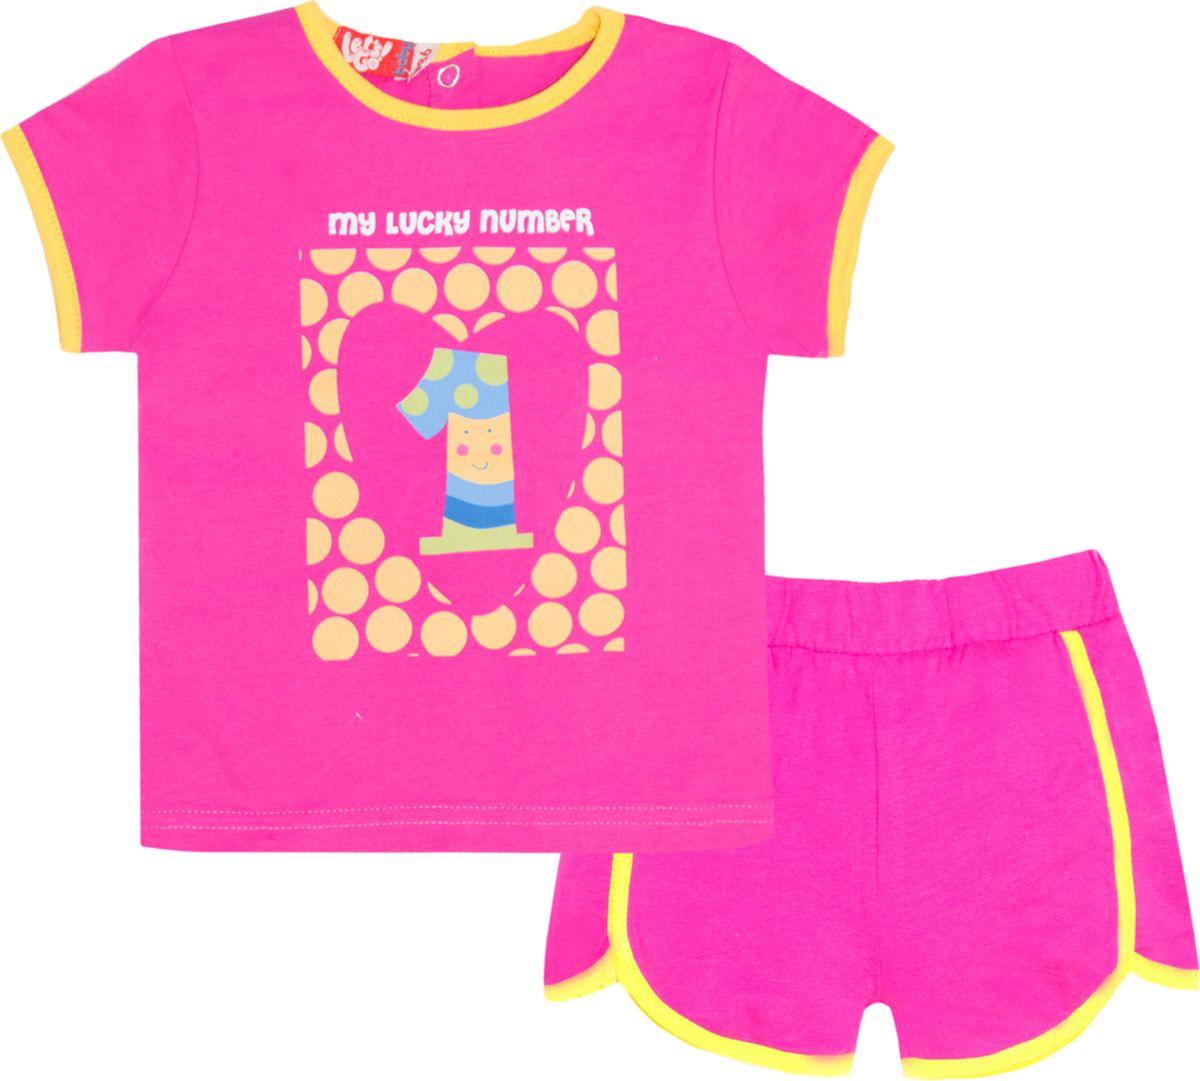 Комплект одежды для девочки Let's Go: футболка, шорты, цвет: малиновый. 4117. Размер 86 комплект одежды для девочки let s go футболка бриджи цвет лиловый фиолетовый 4132 размер 74